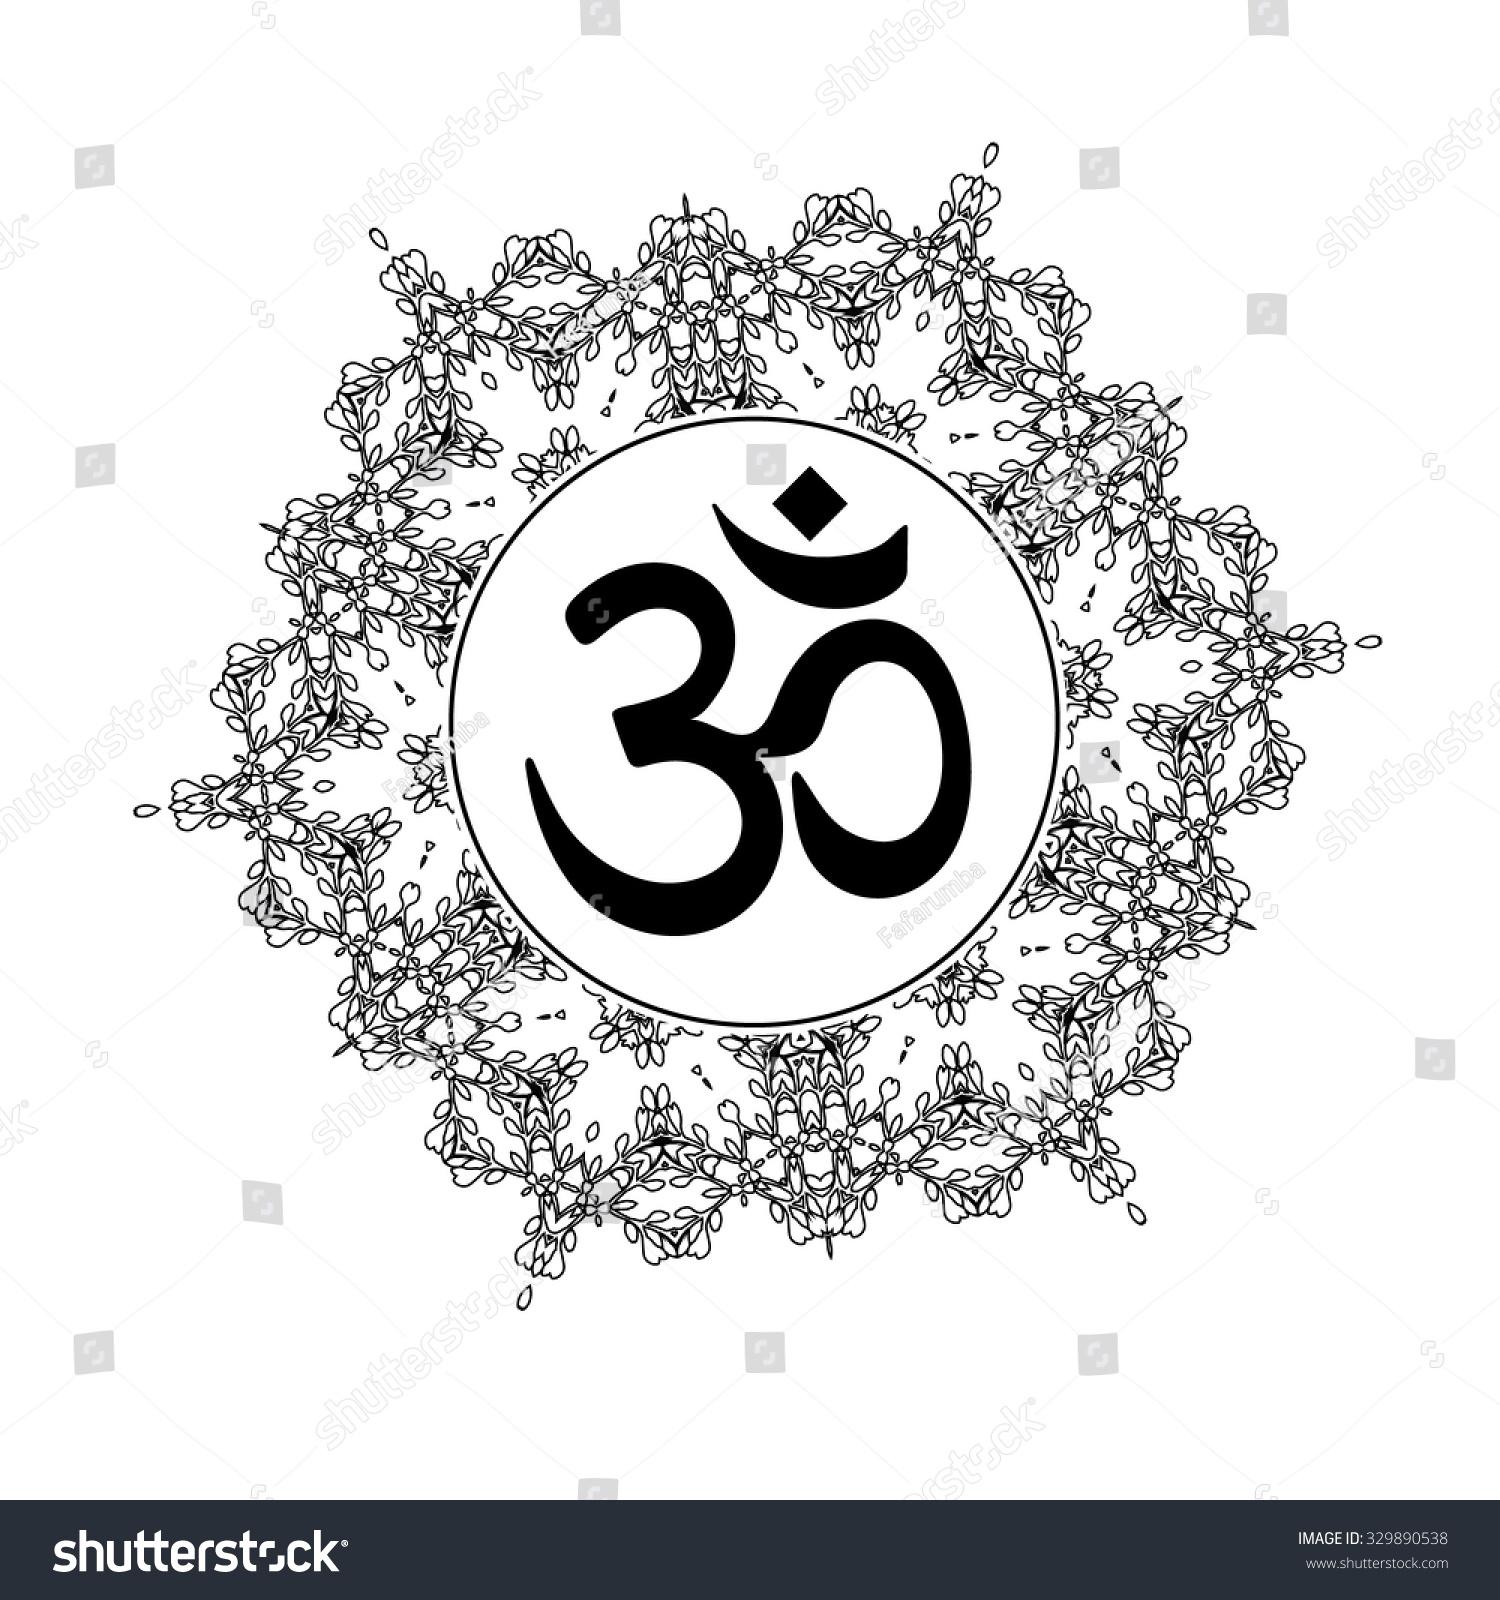 Yoga Symbols Tattoo